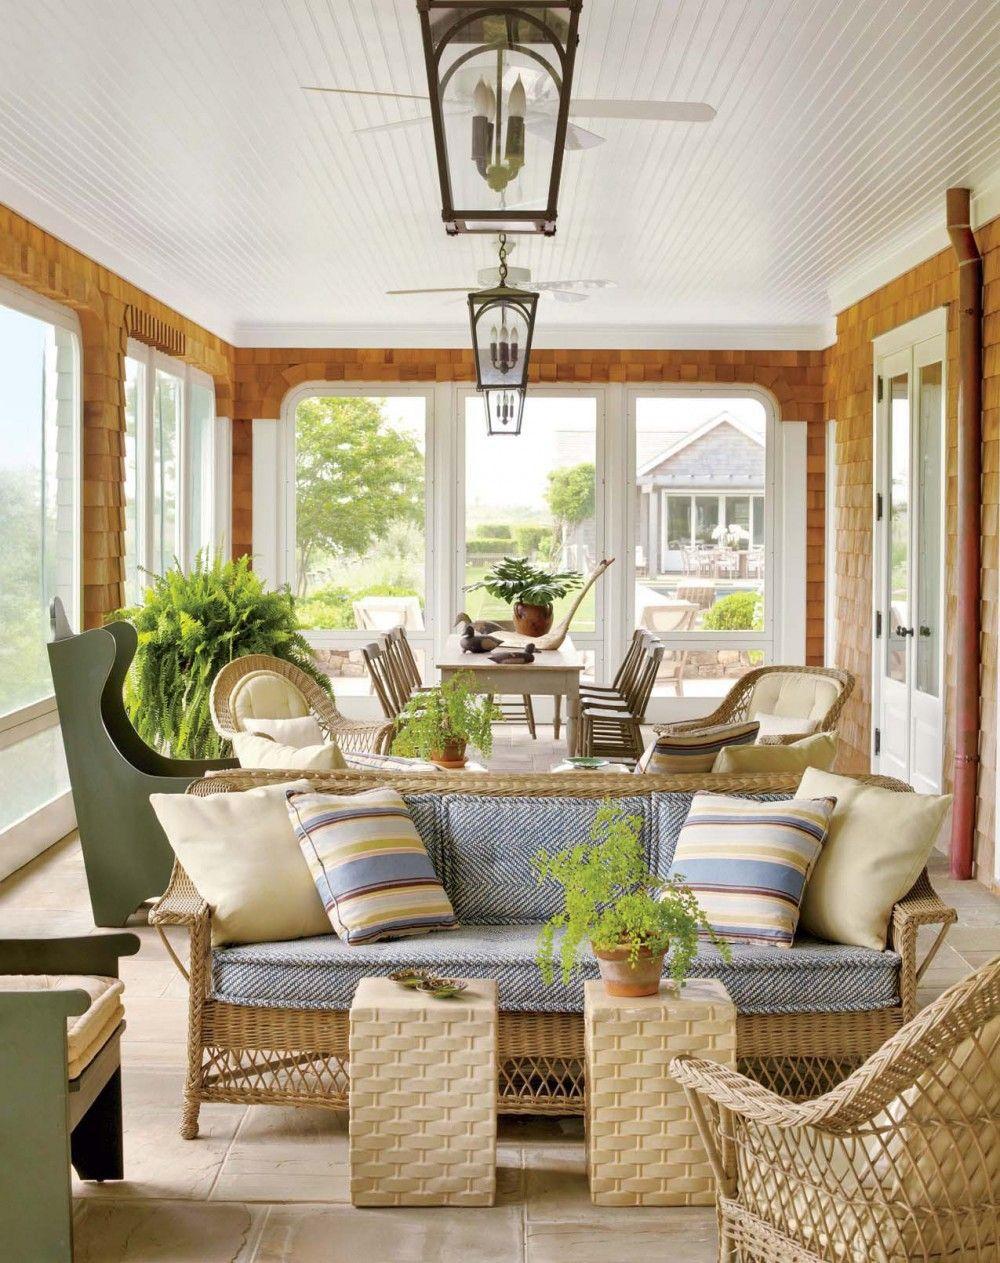 Contemporary Porch Porches de casas, Casa de verano